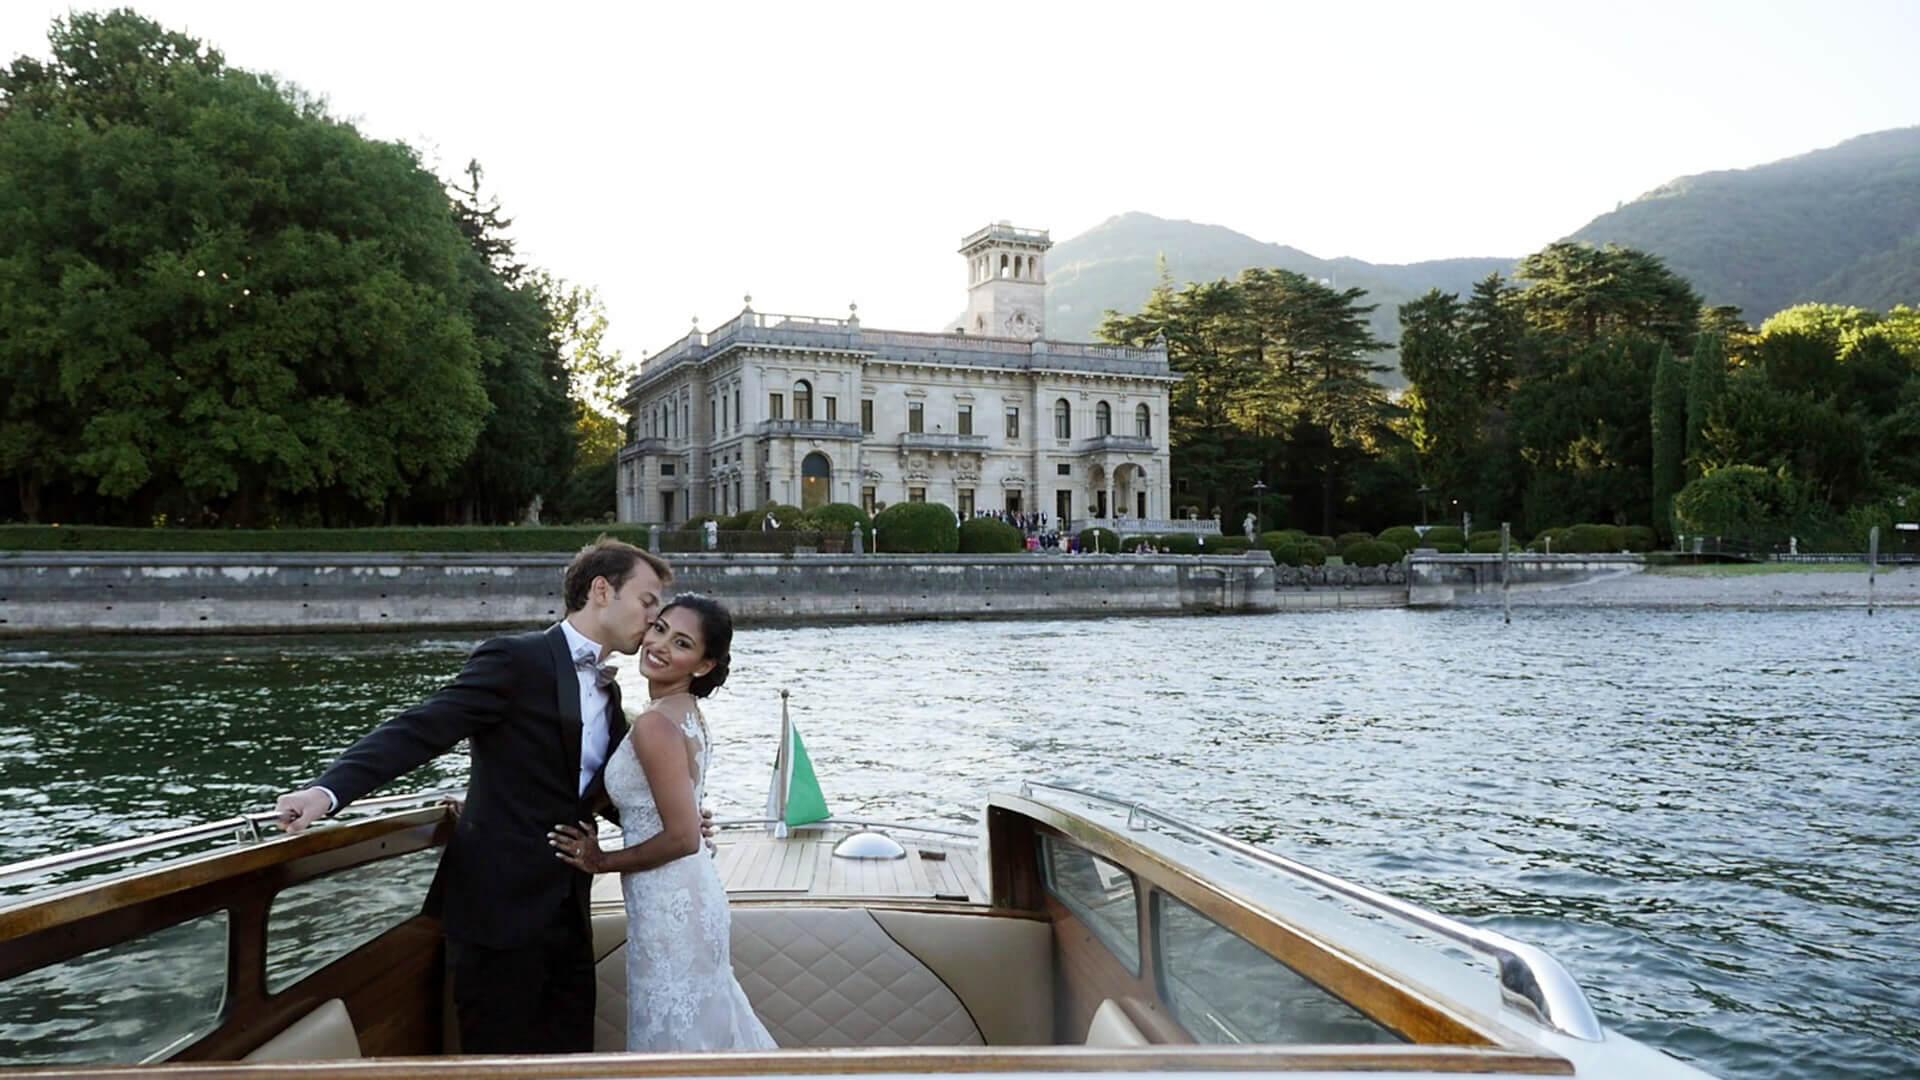 Ash & Maurizio - Wedding at Villa Erba, Como